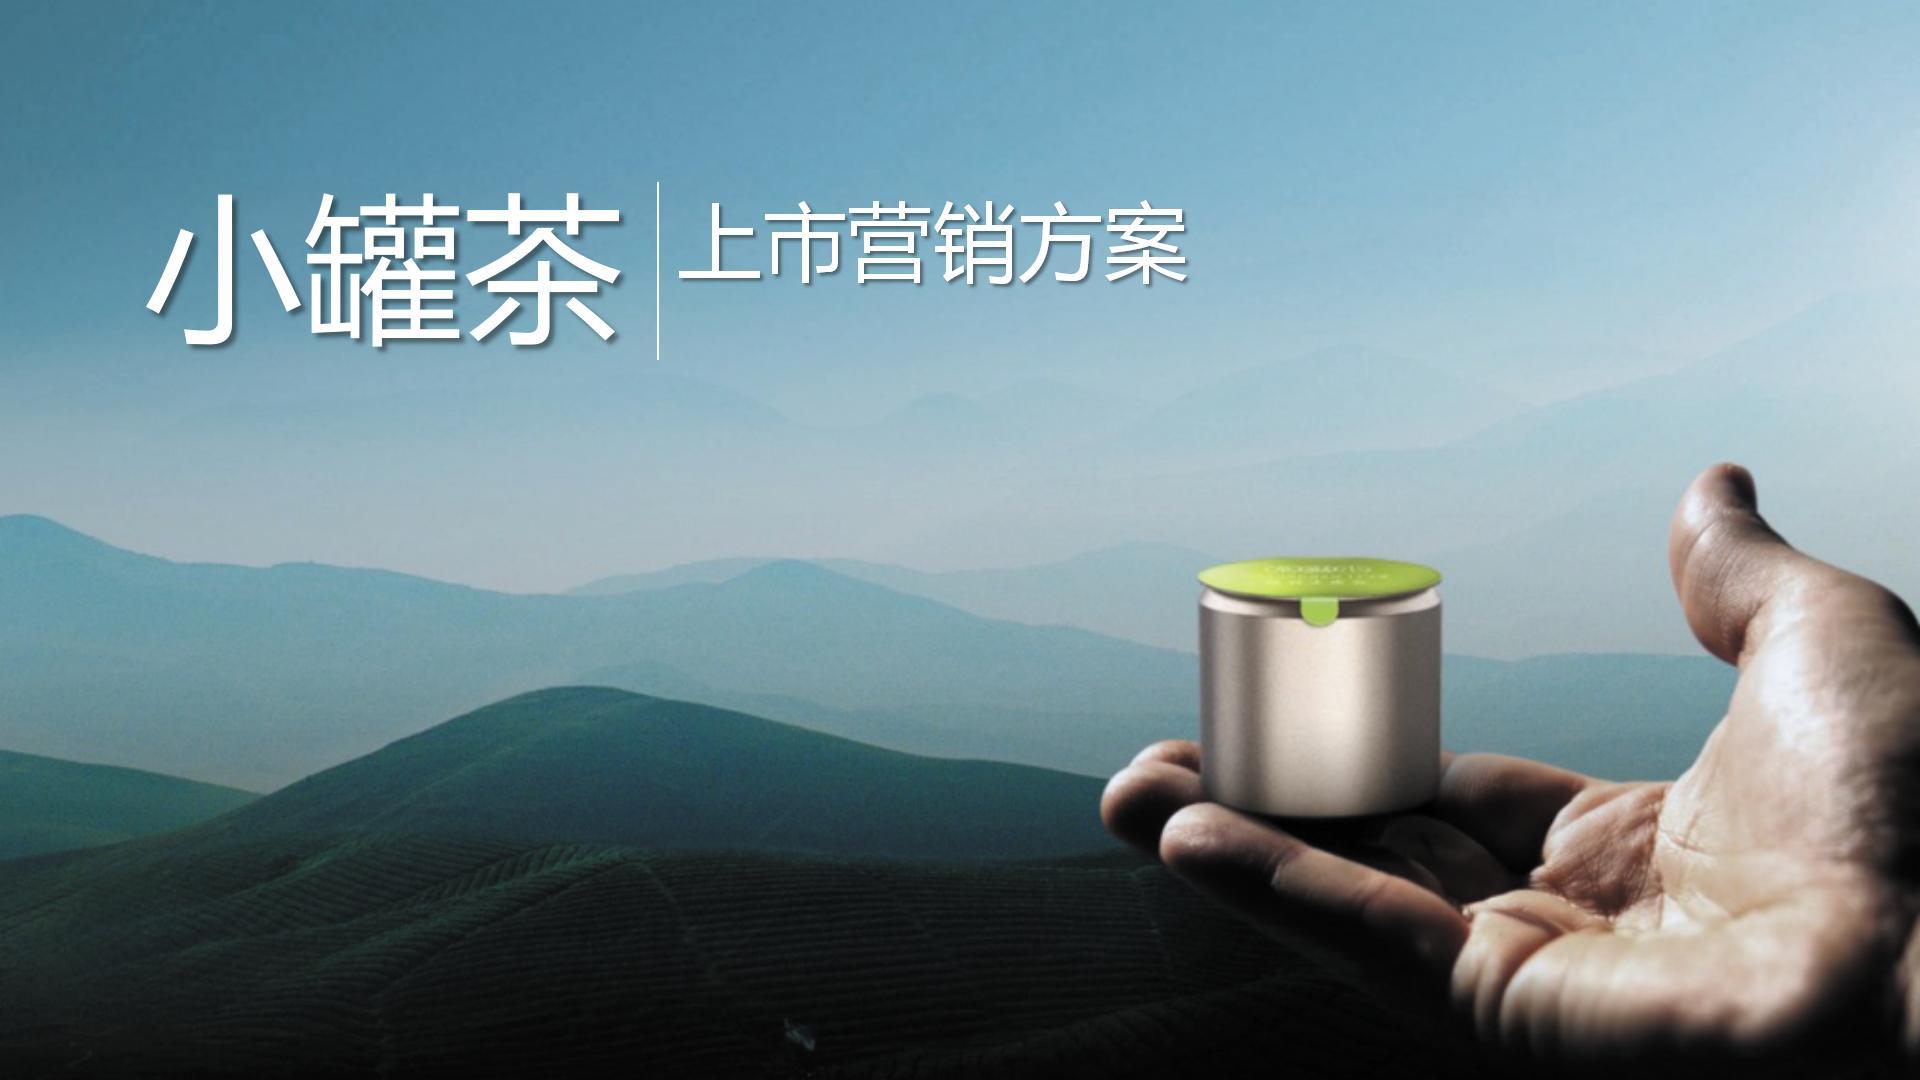 2020小罐茶新品上市营销推广方案,市场营销传播目标梳理